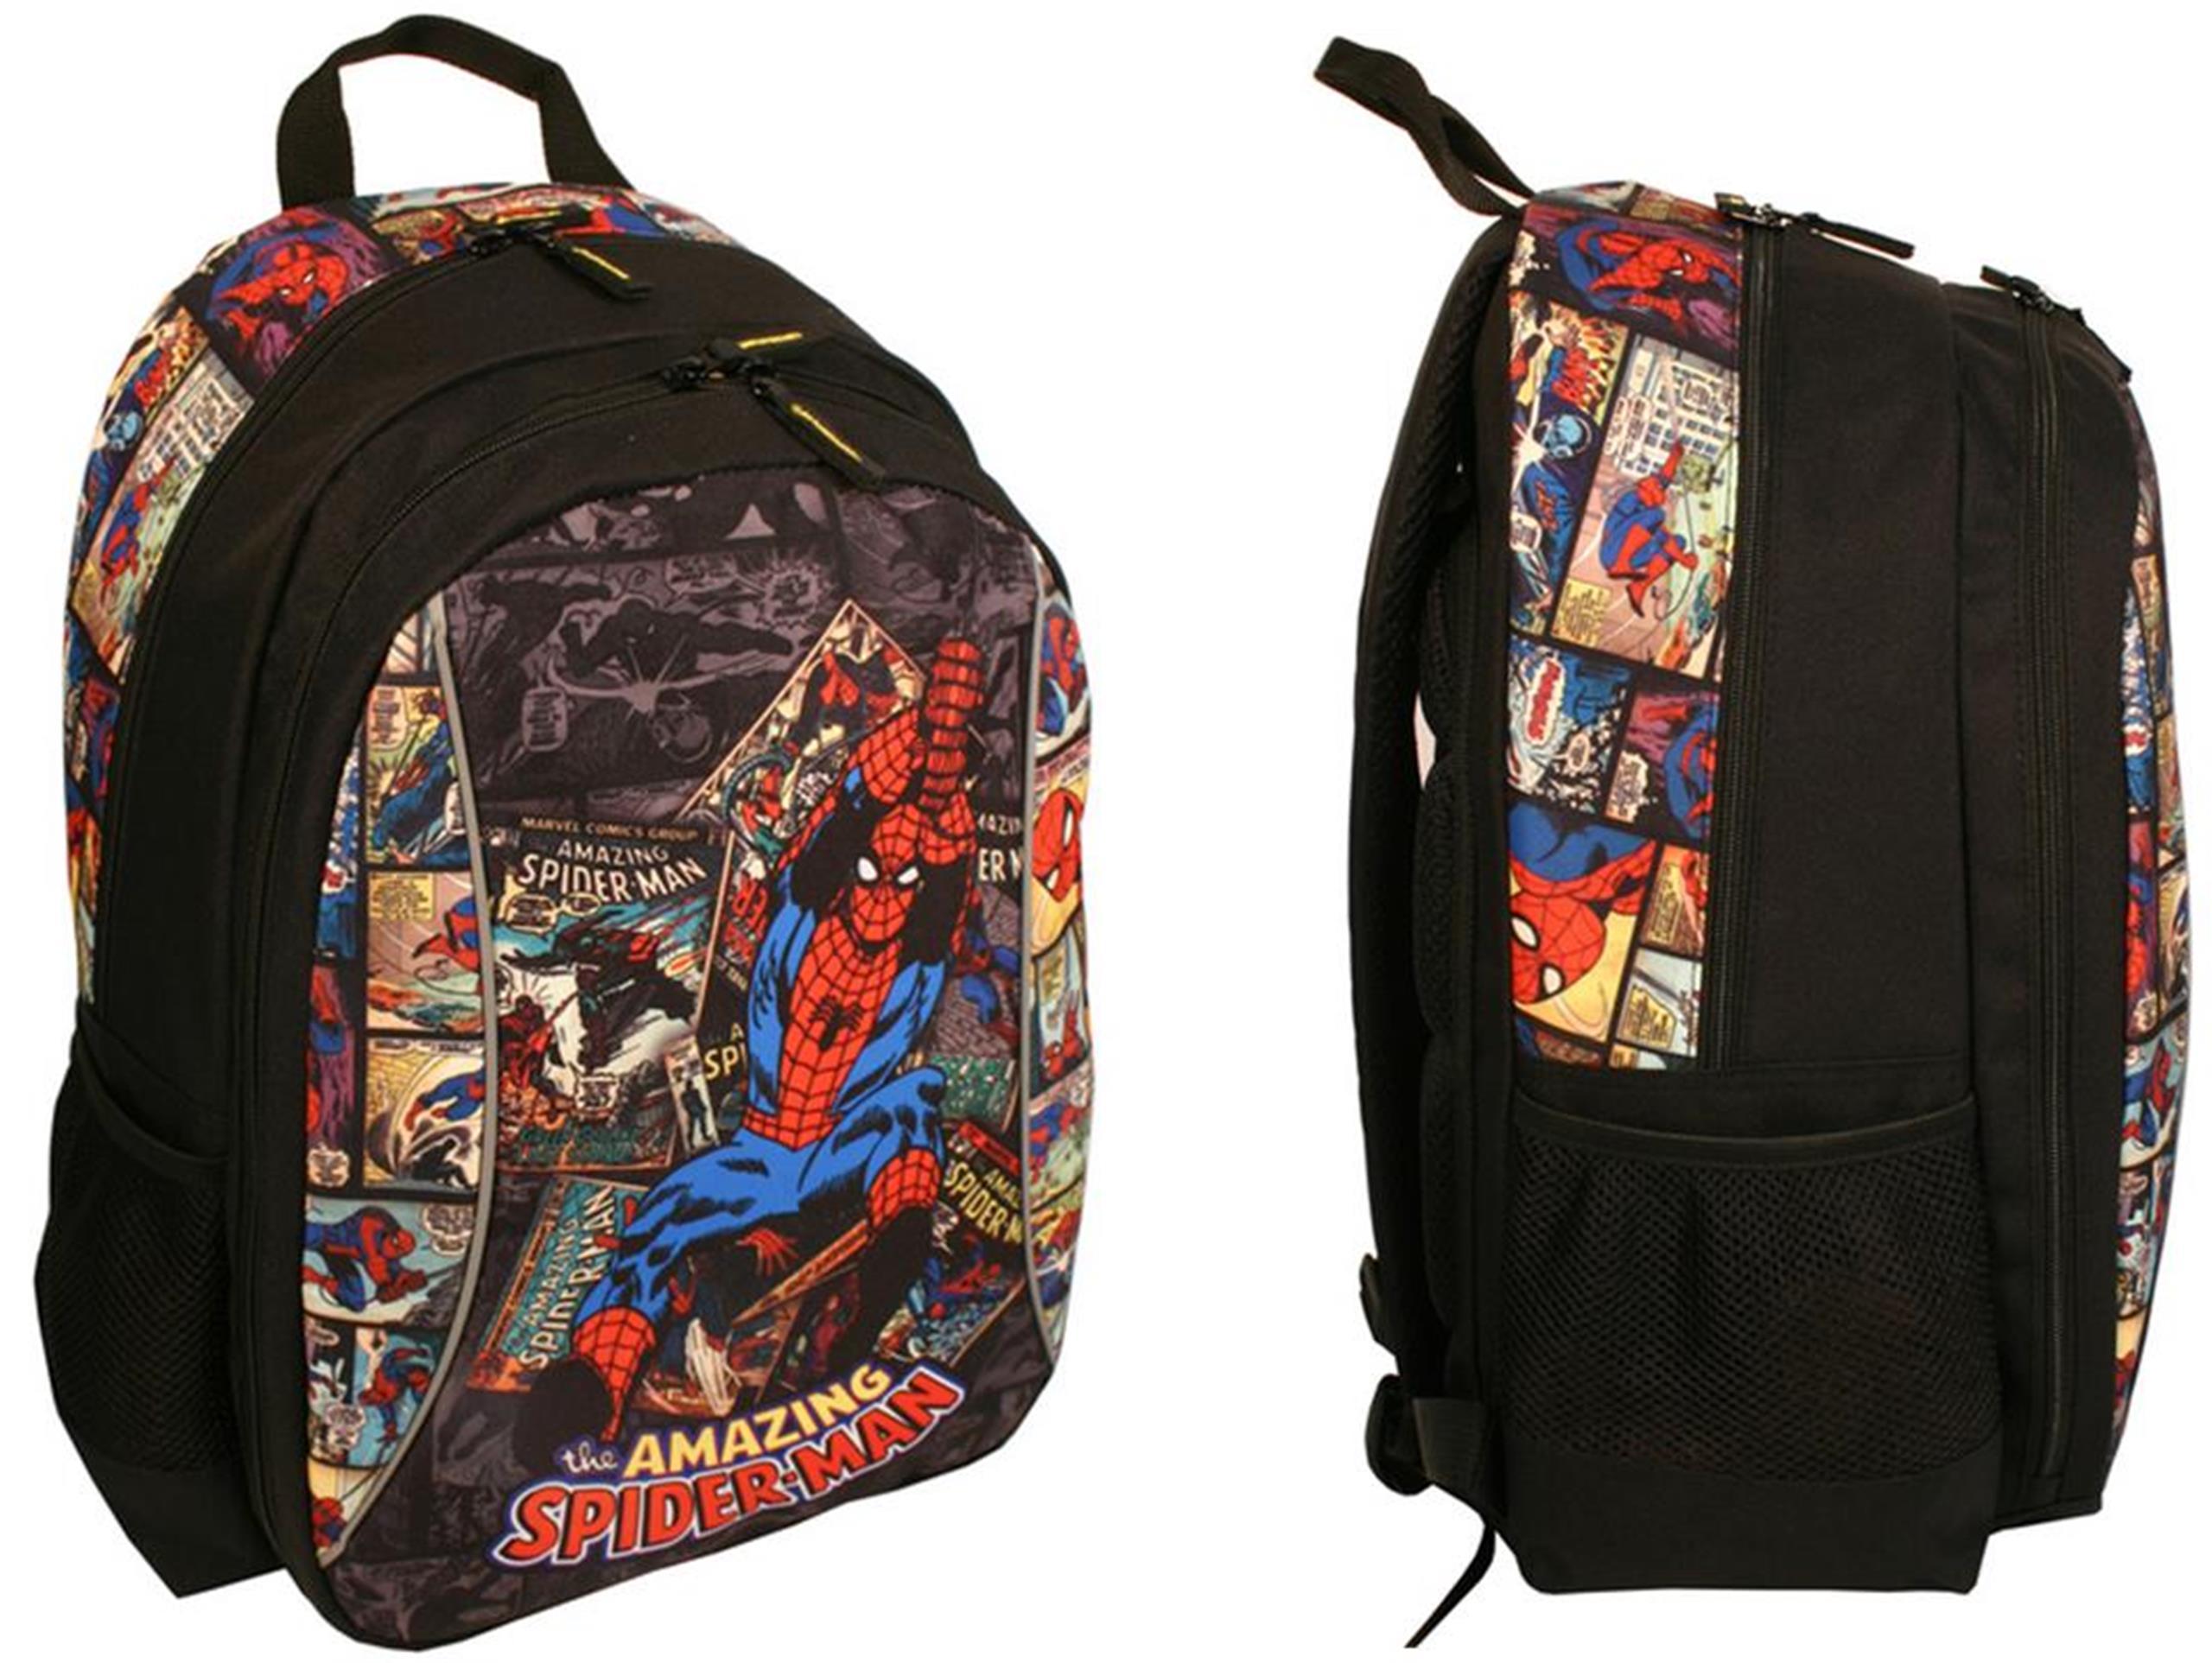 79da20c9338a2 PLECAK SZKOLNY Spider-man Spiderman dla Chłopaka - 6675803767 ...